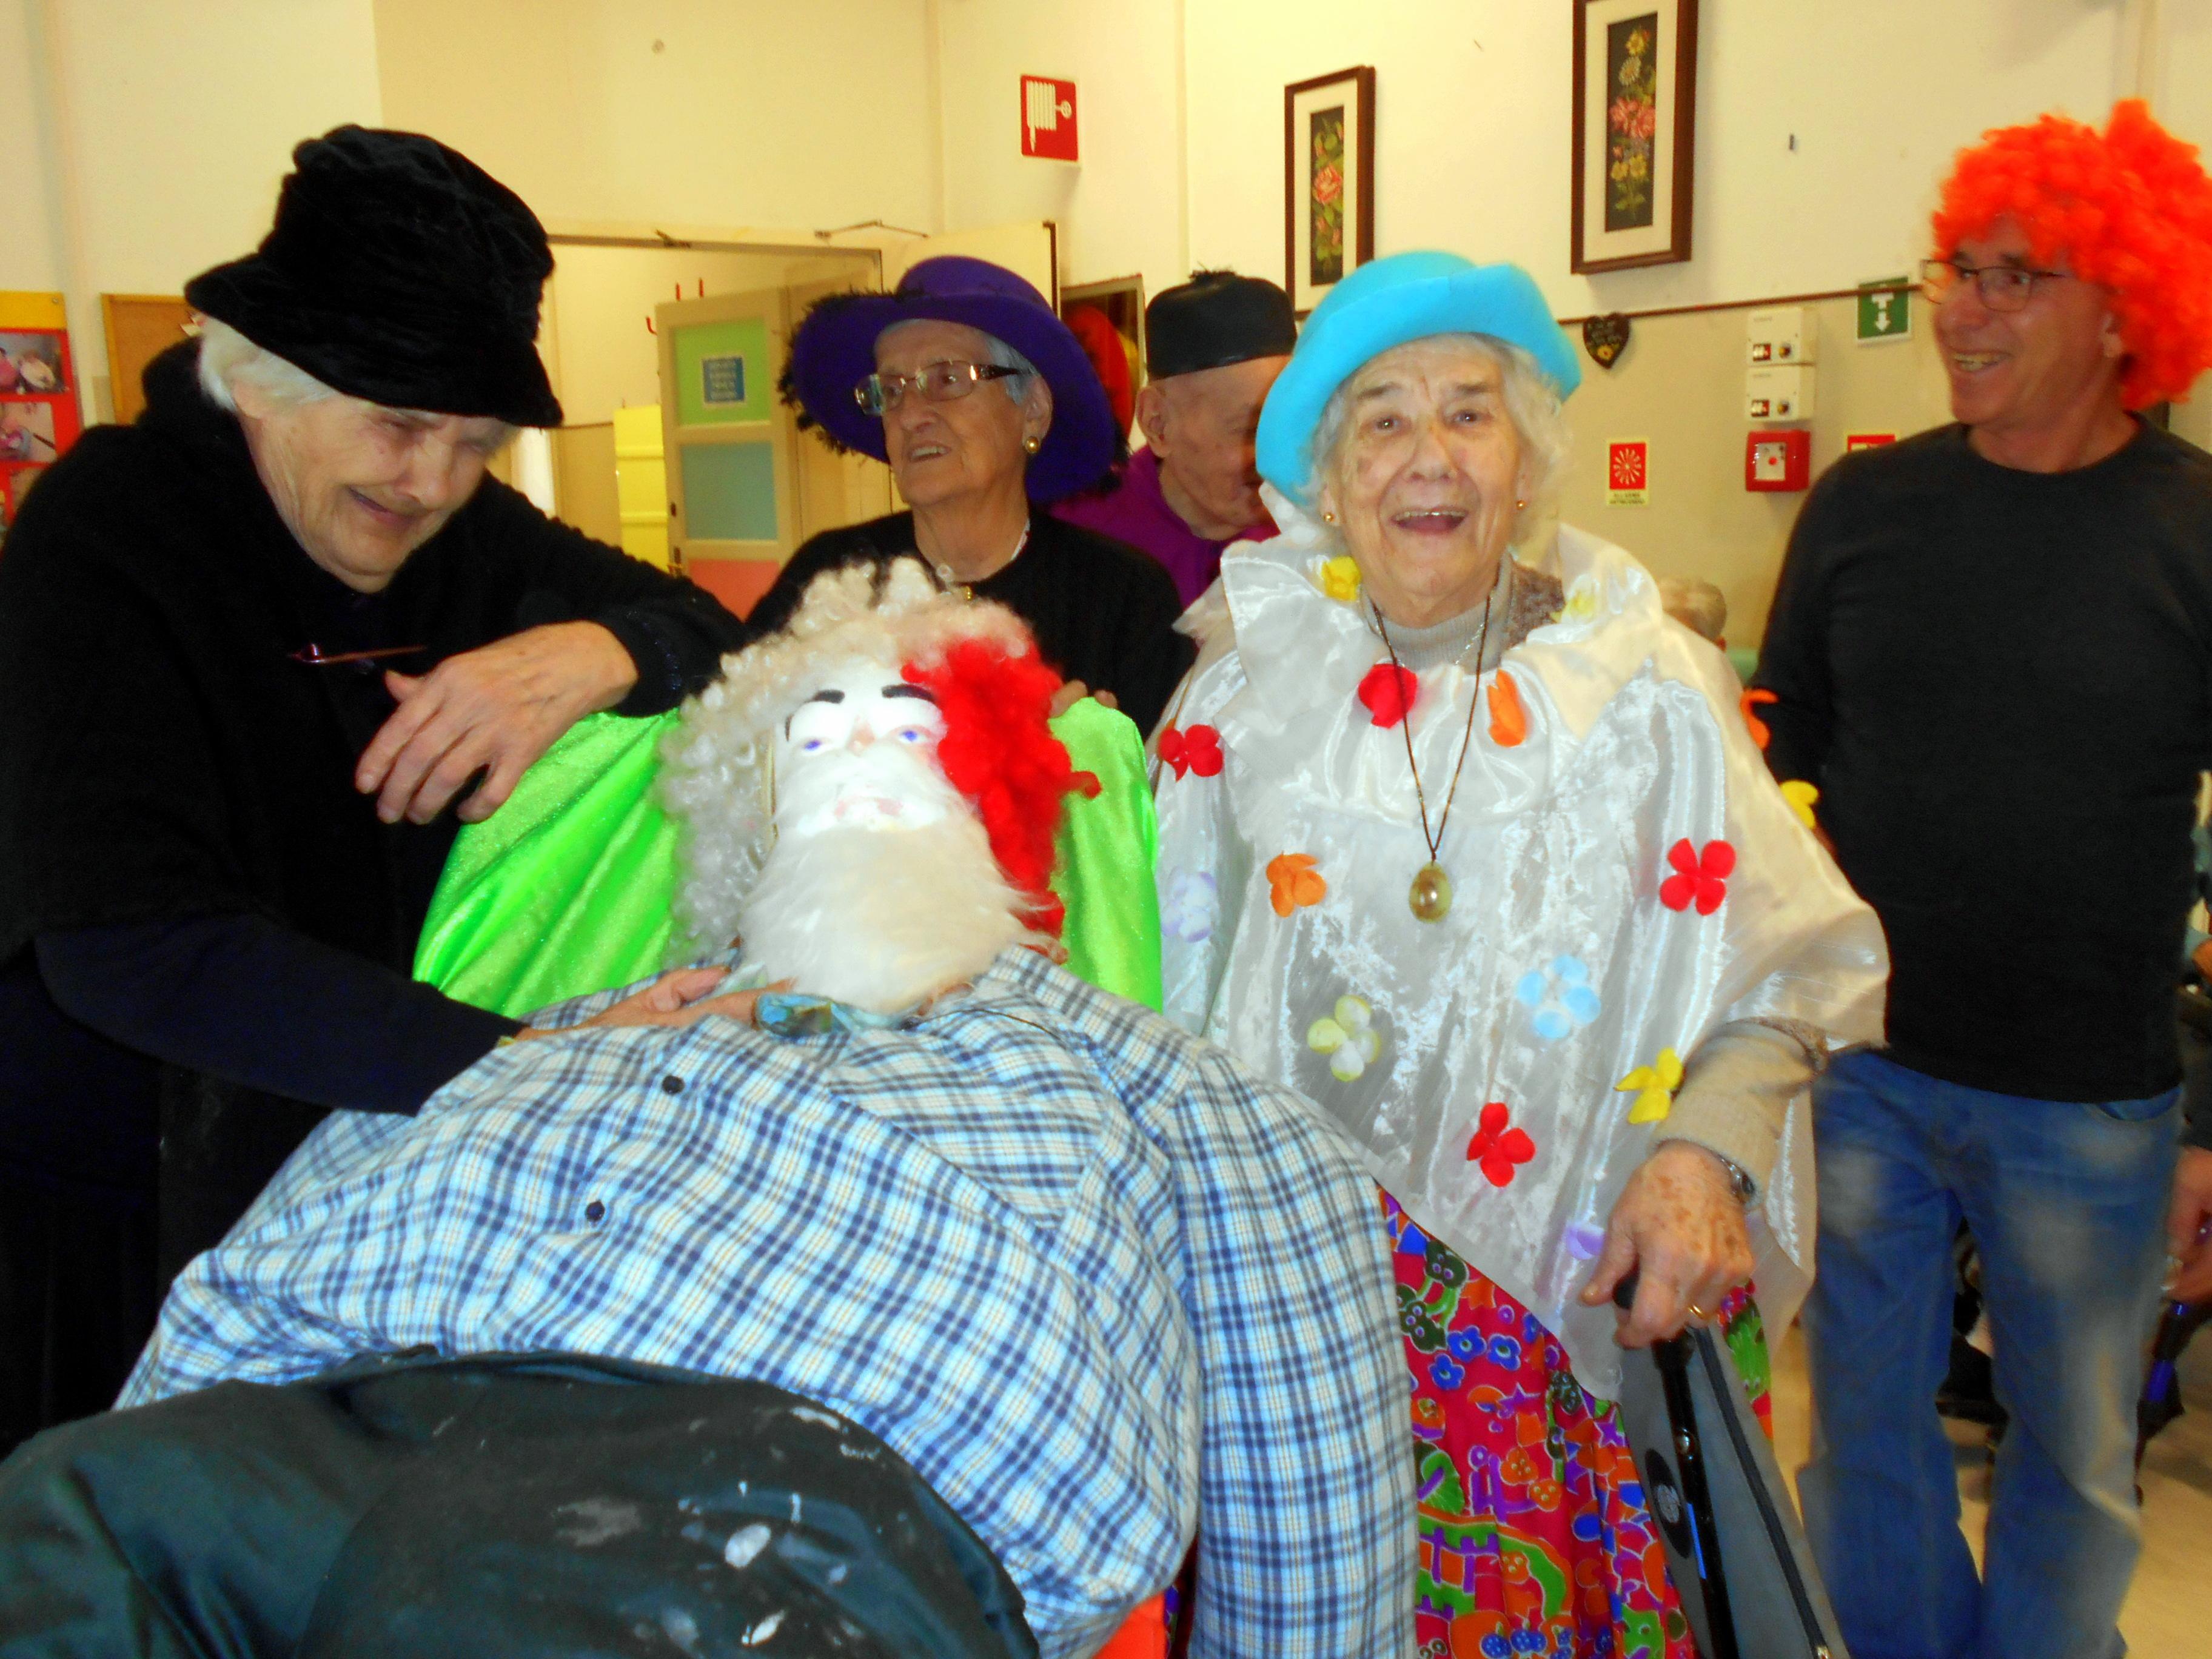 Sfilata per la pace la casa anziani al carnevale di for Piani perfetti per la casa di riposo